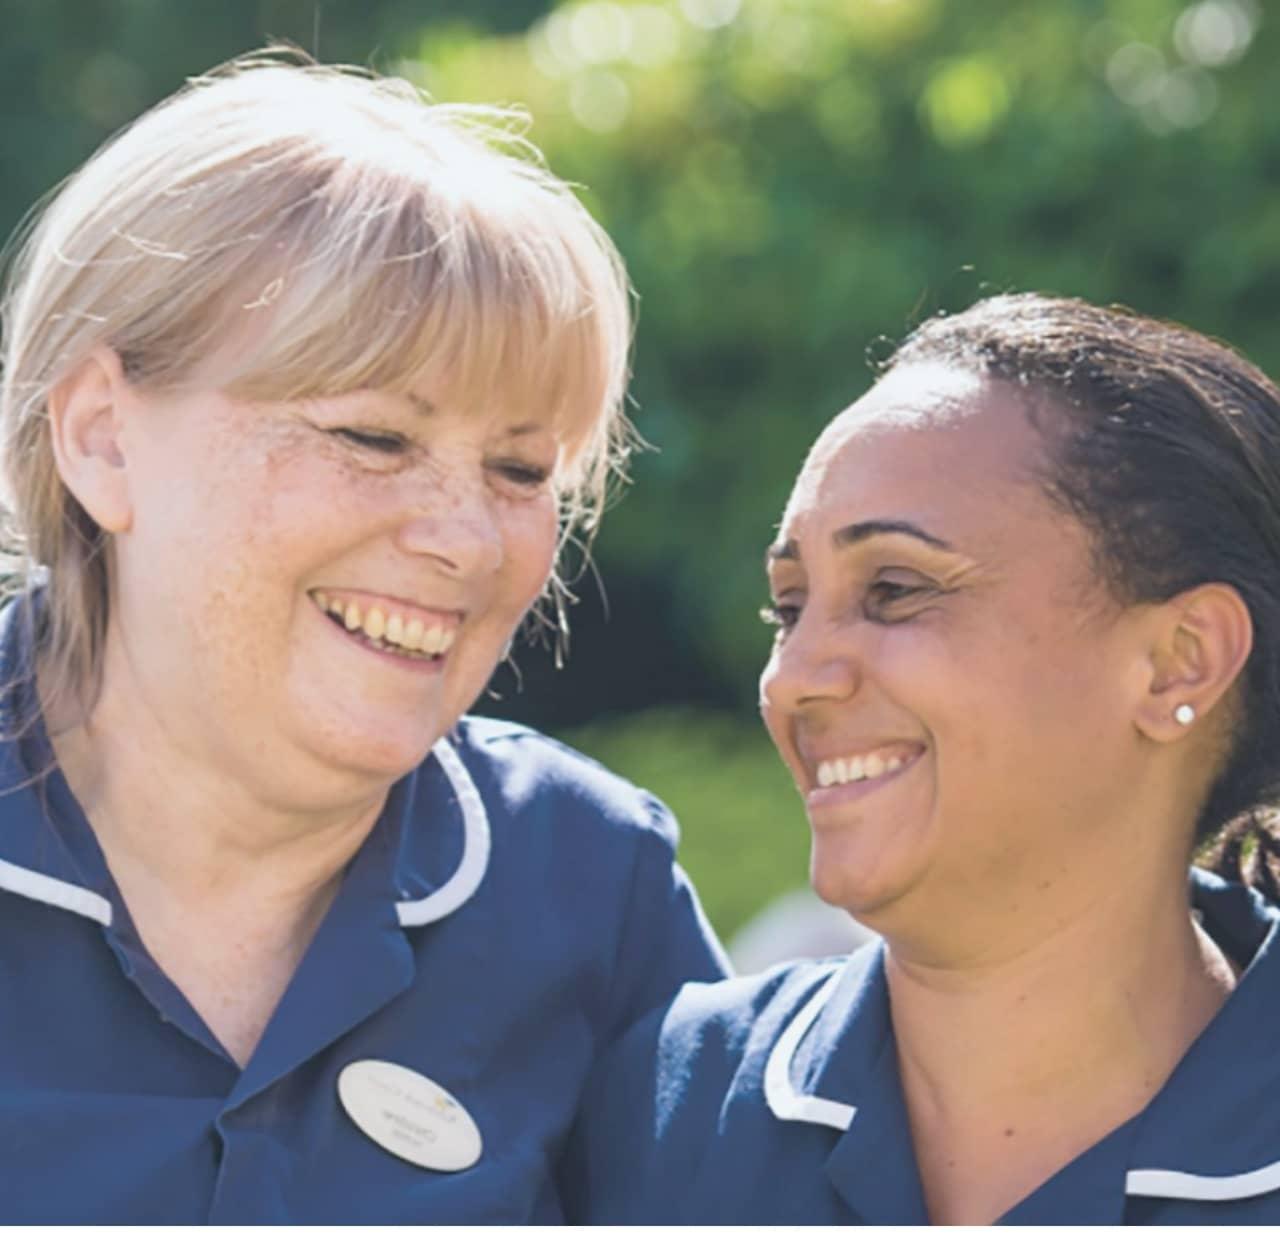 find nursing jobs in the NHS